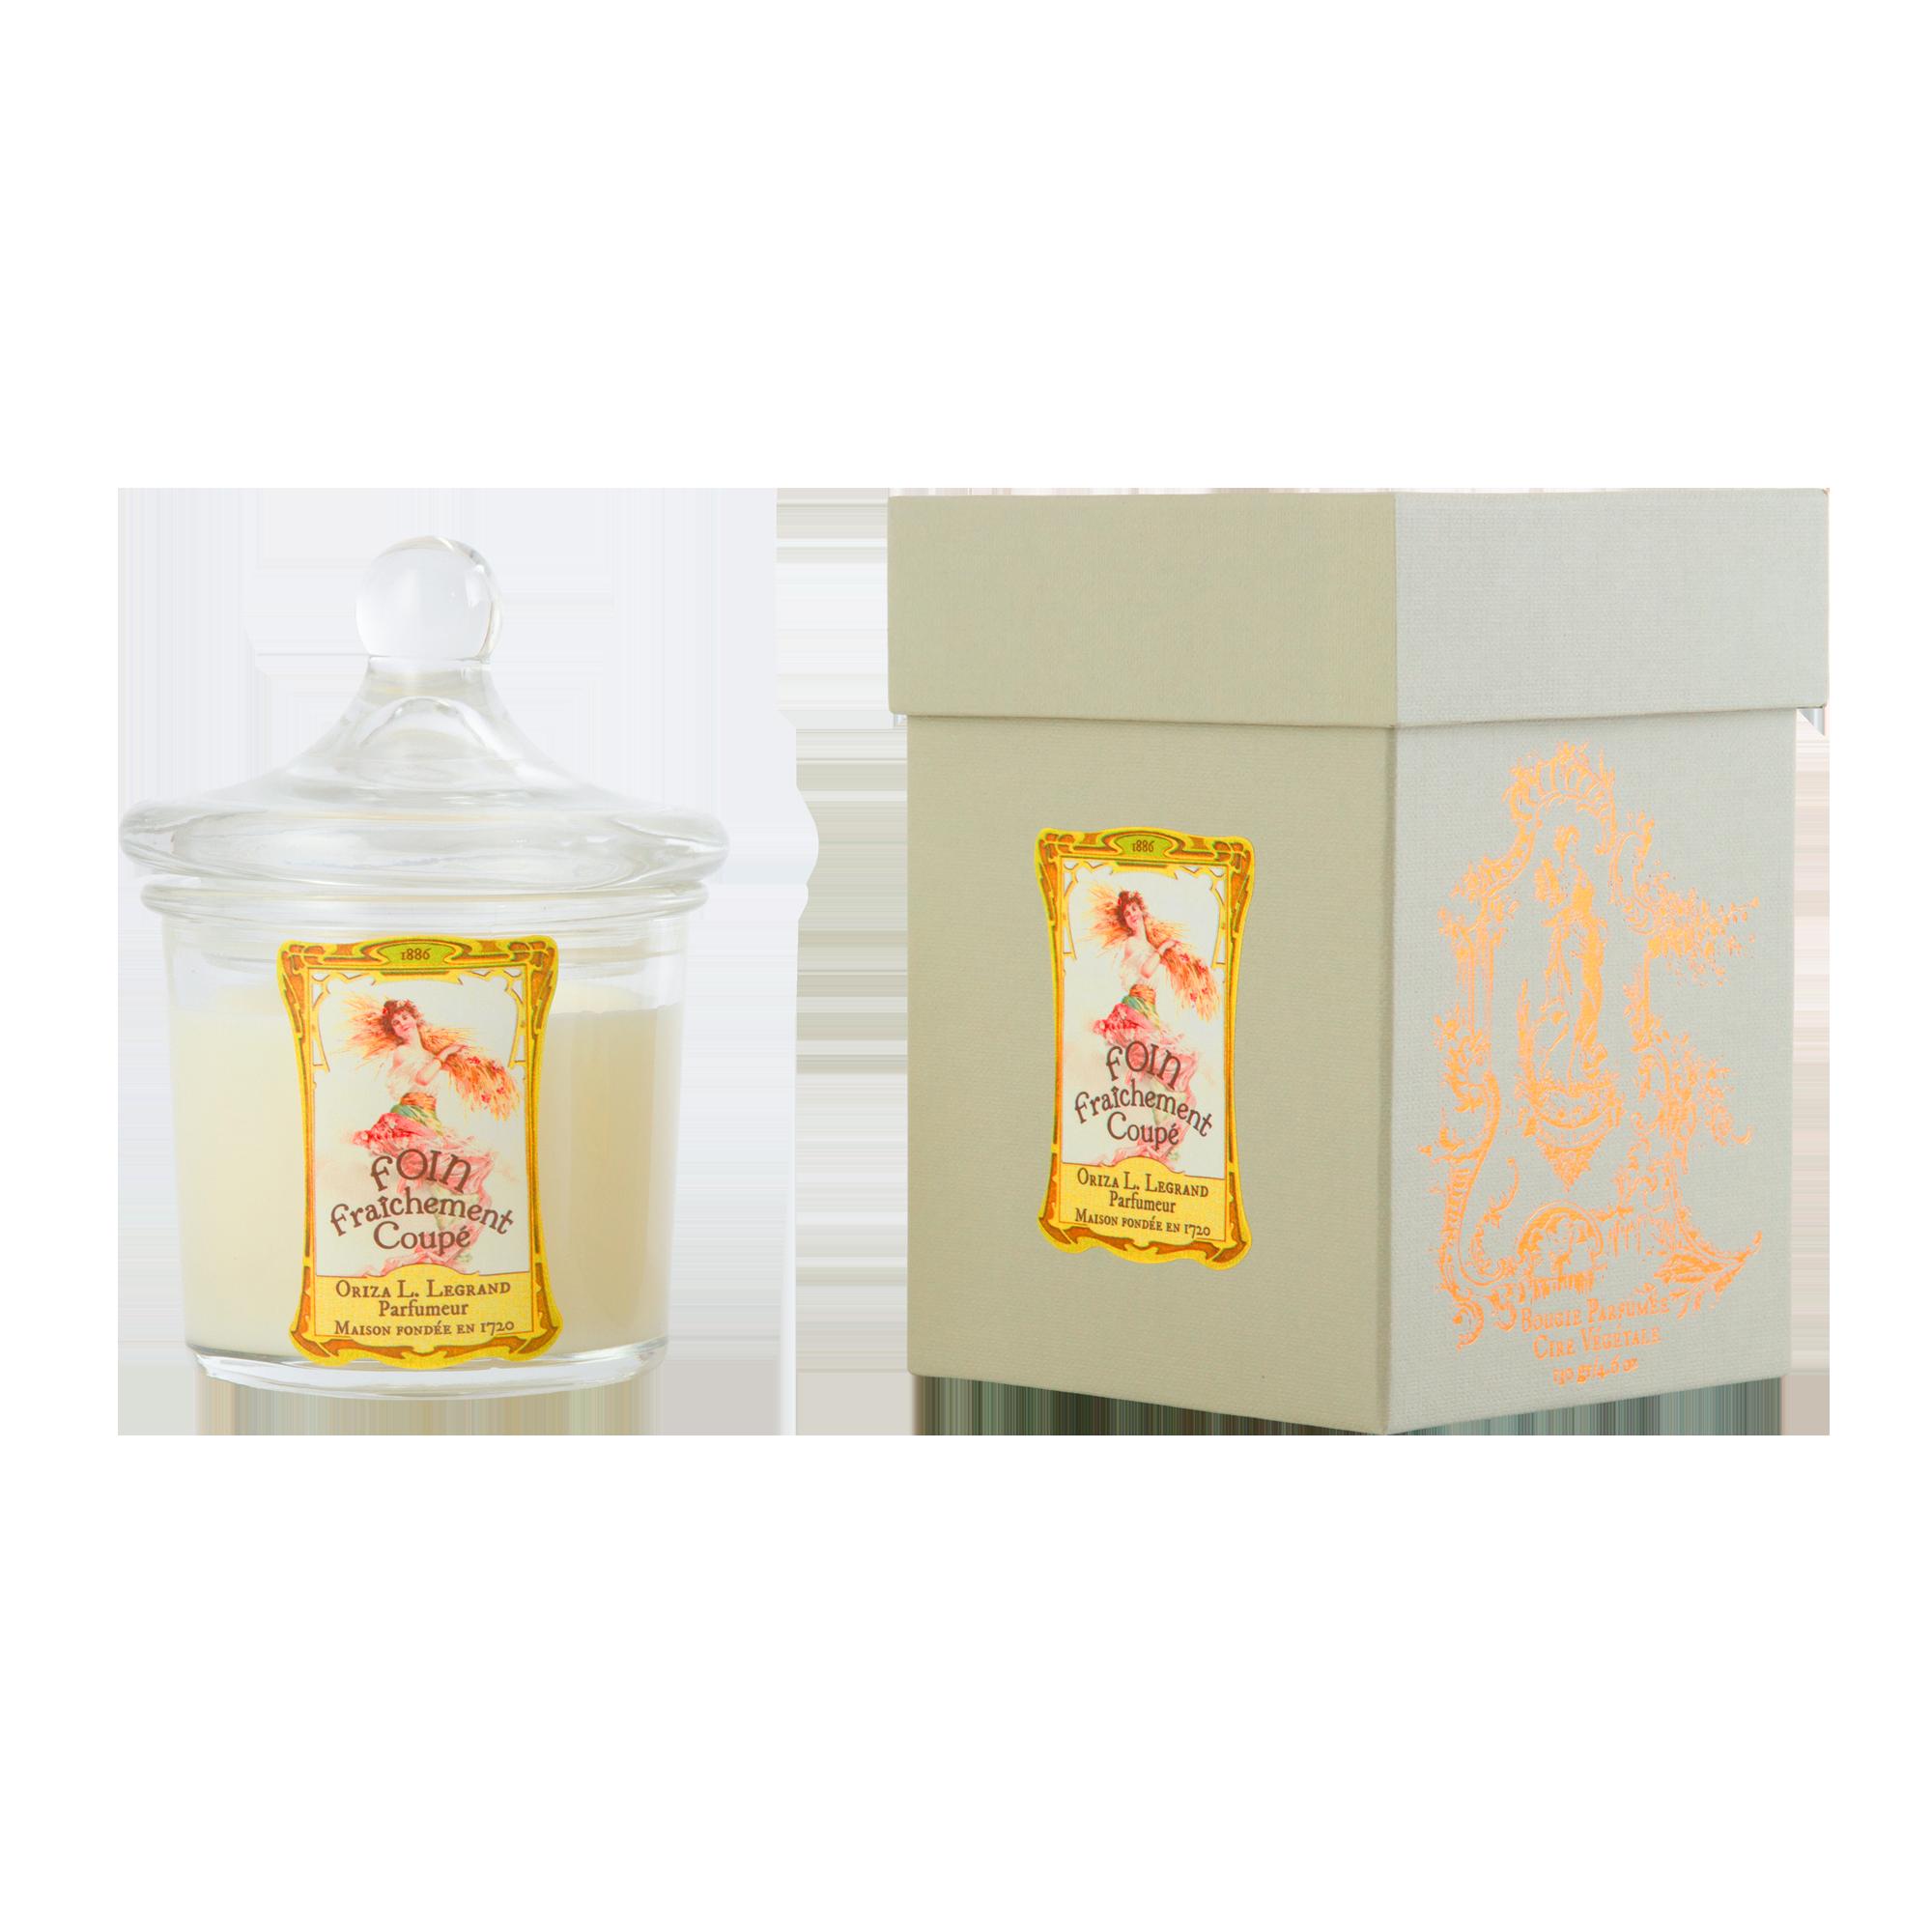 ORIZA L.LEGRAND Foin Fraîchement Coupé Perfumed Candle 130 g